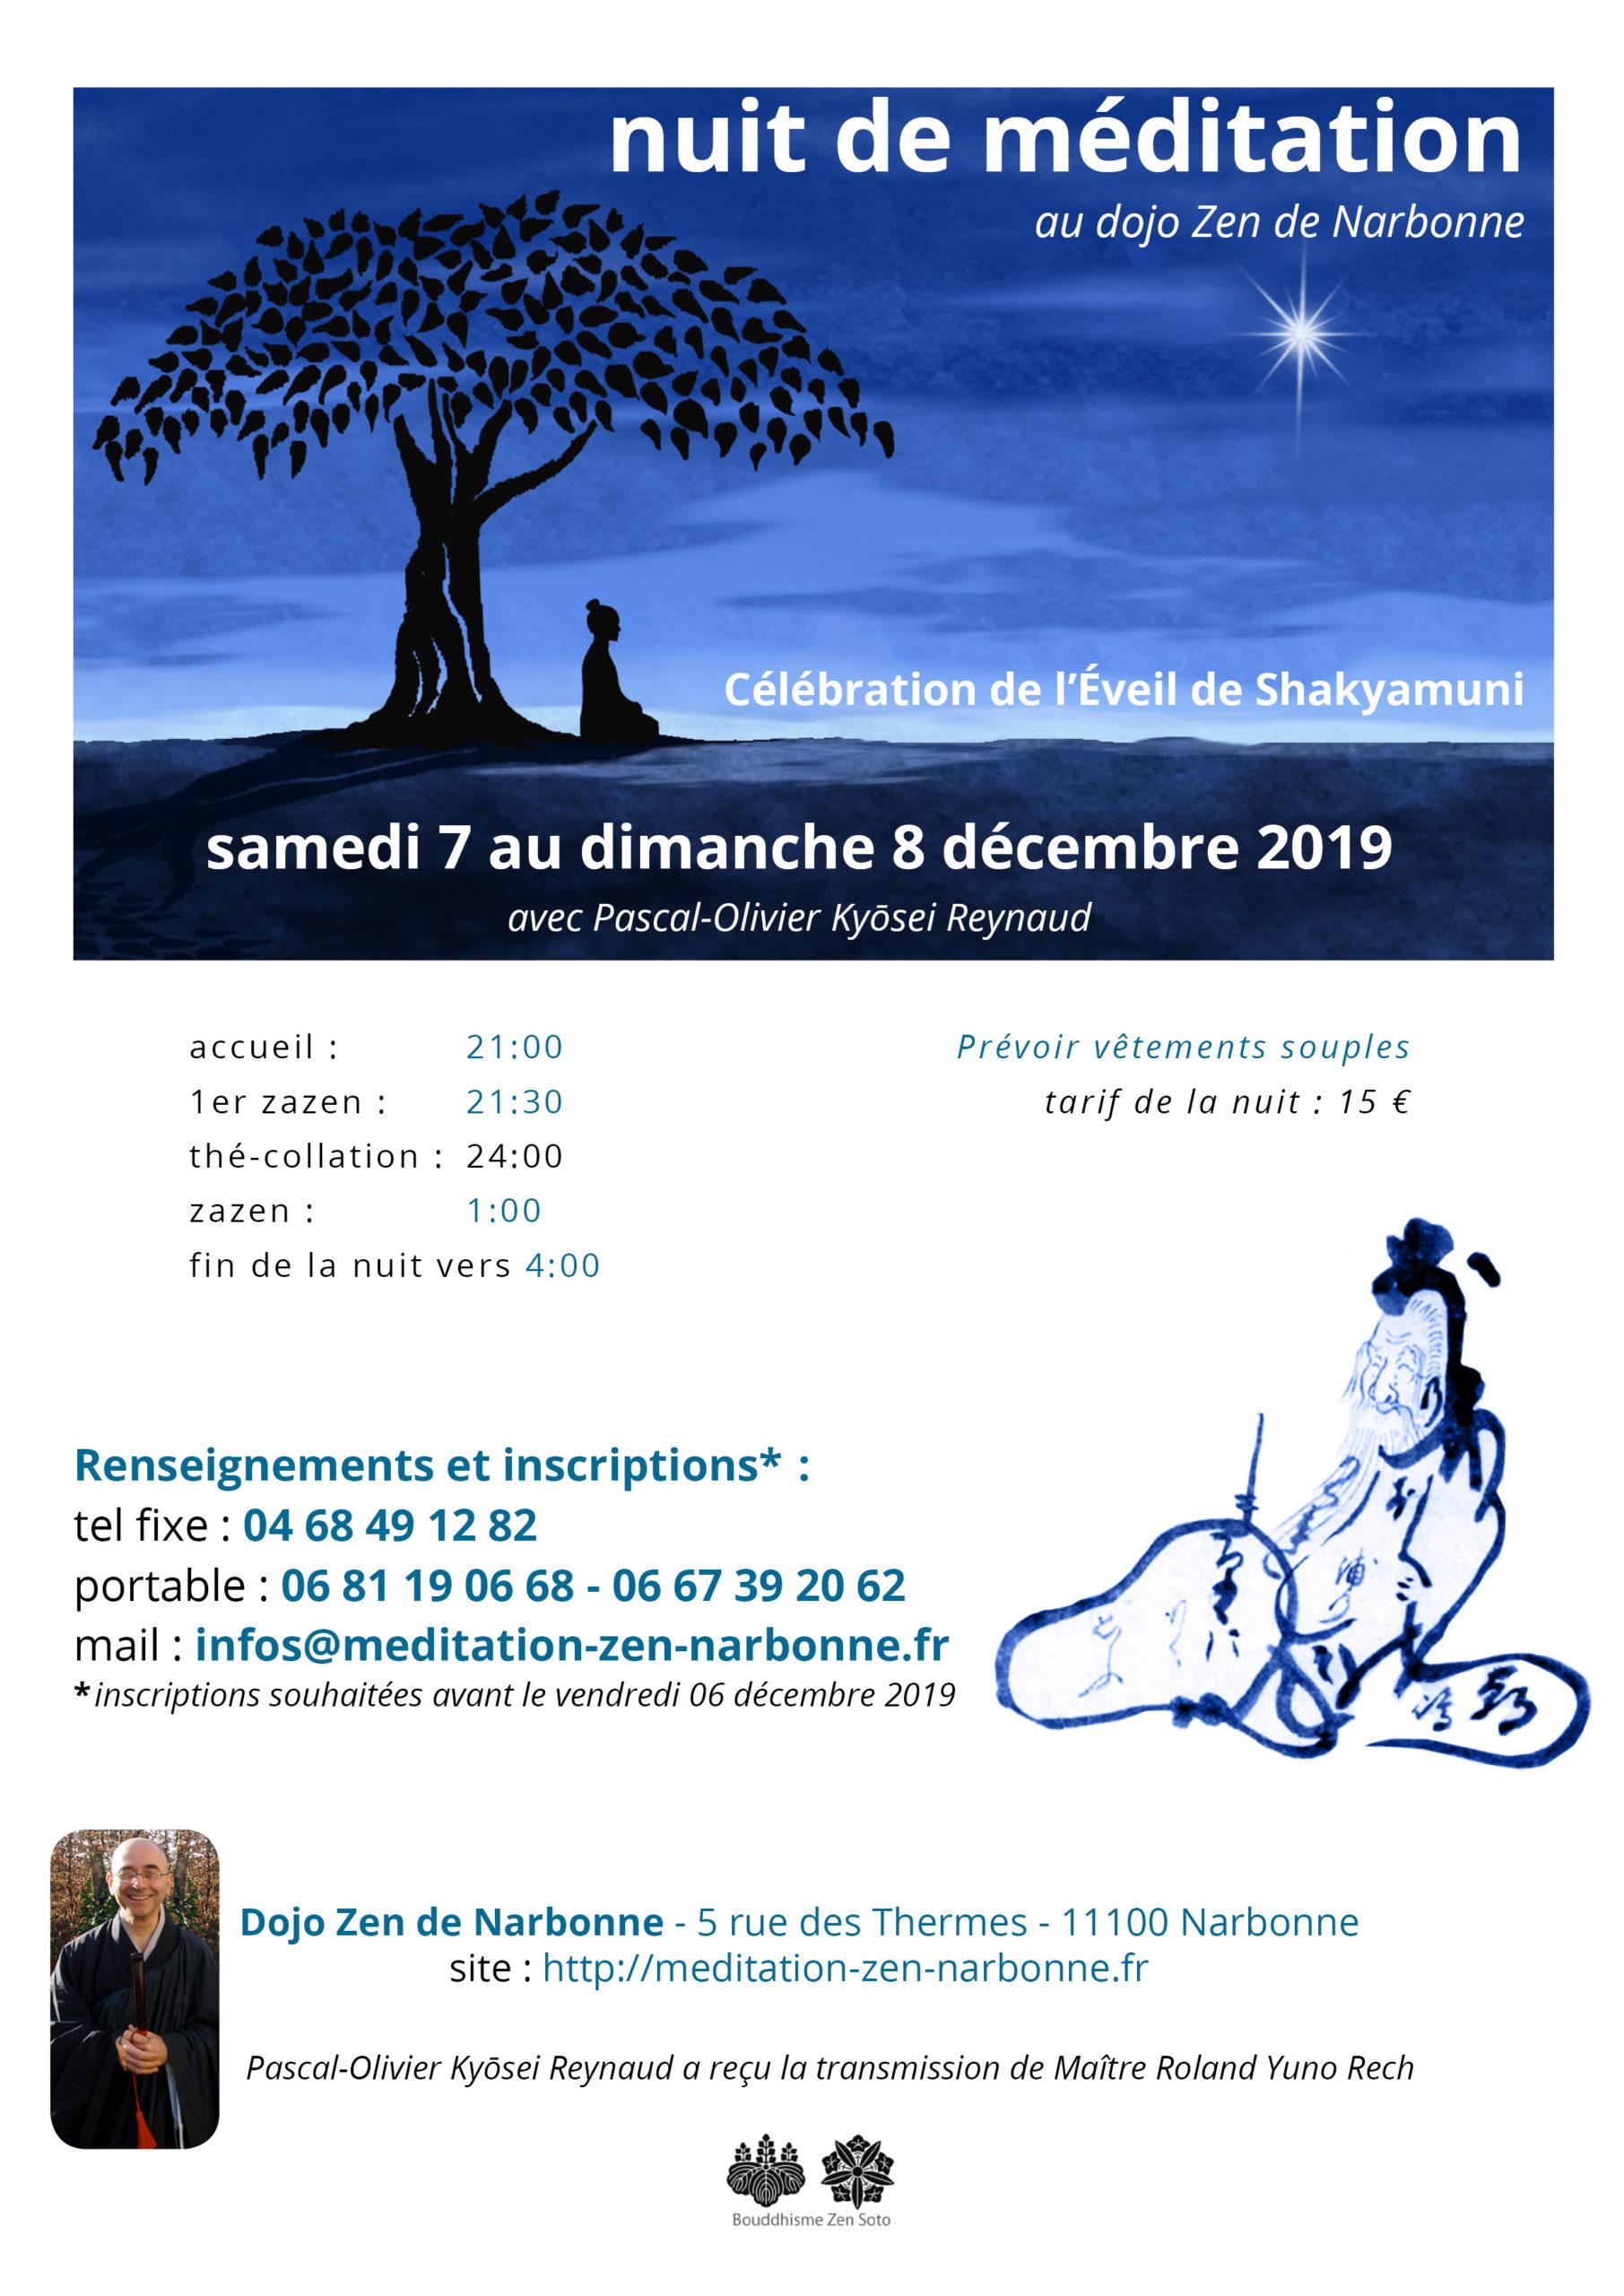 Nuit de zazen au dojo zen de Narbonne du 7 au 8 décembre 2019